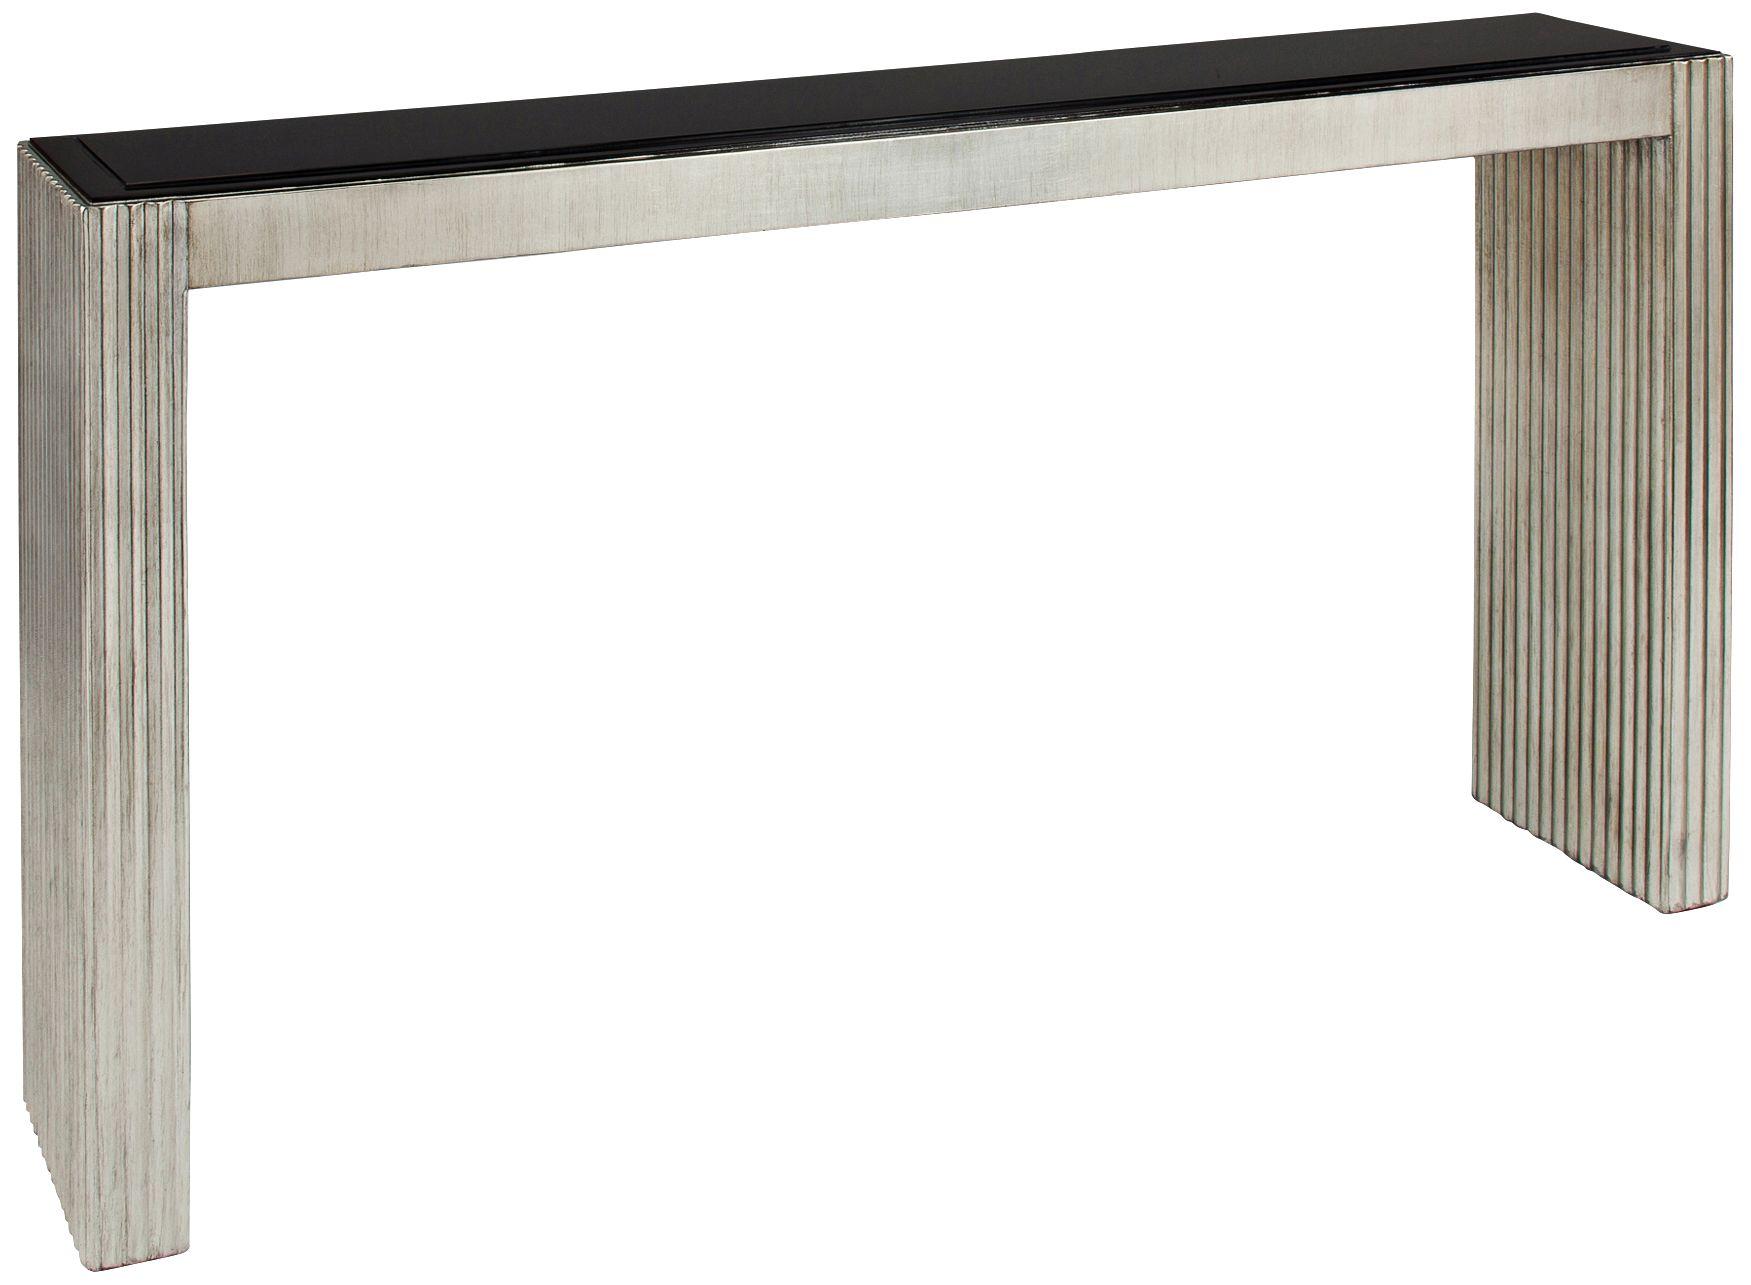 Amazing Roohland Graywash Minimalist Console Table